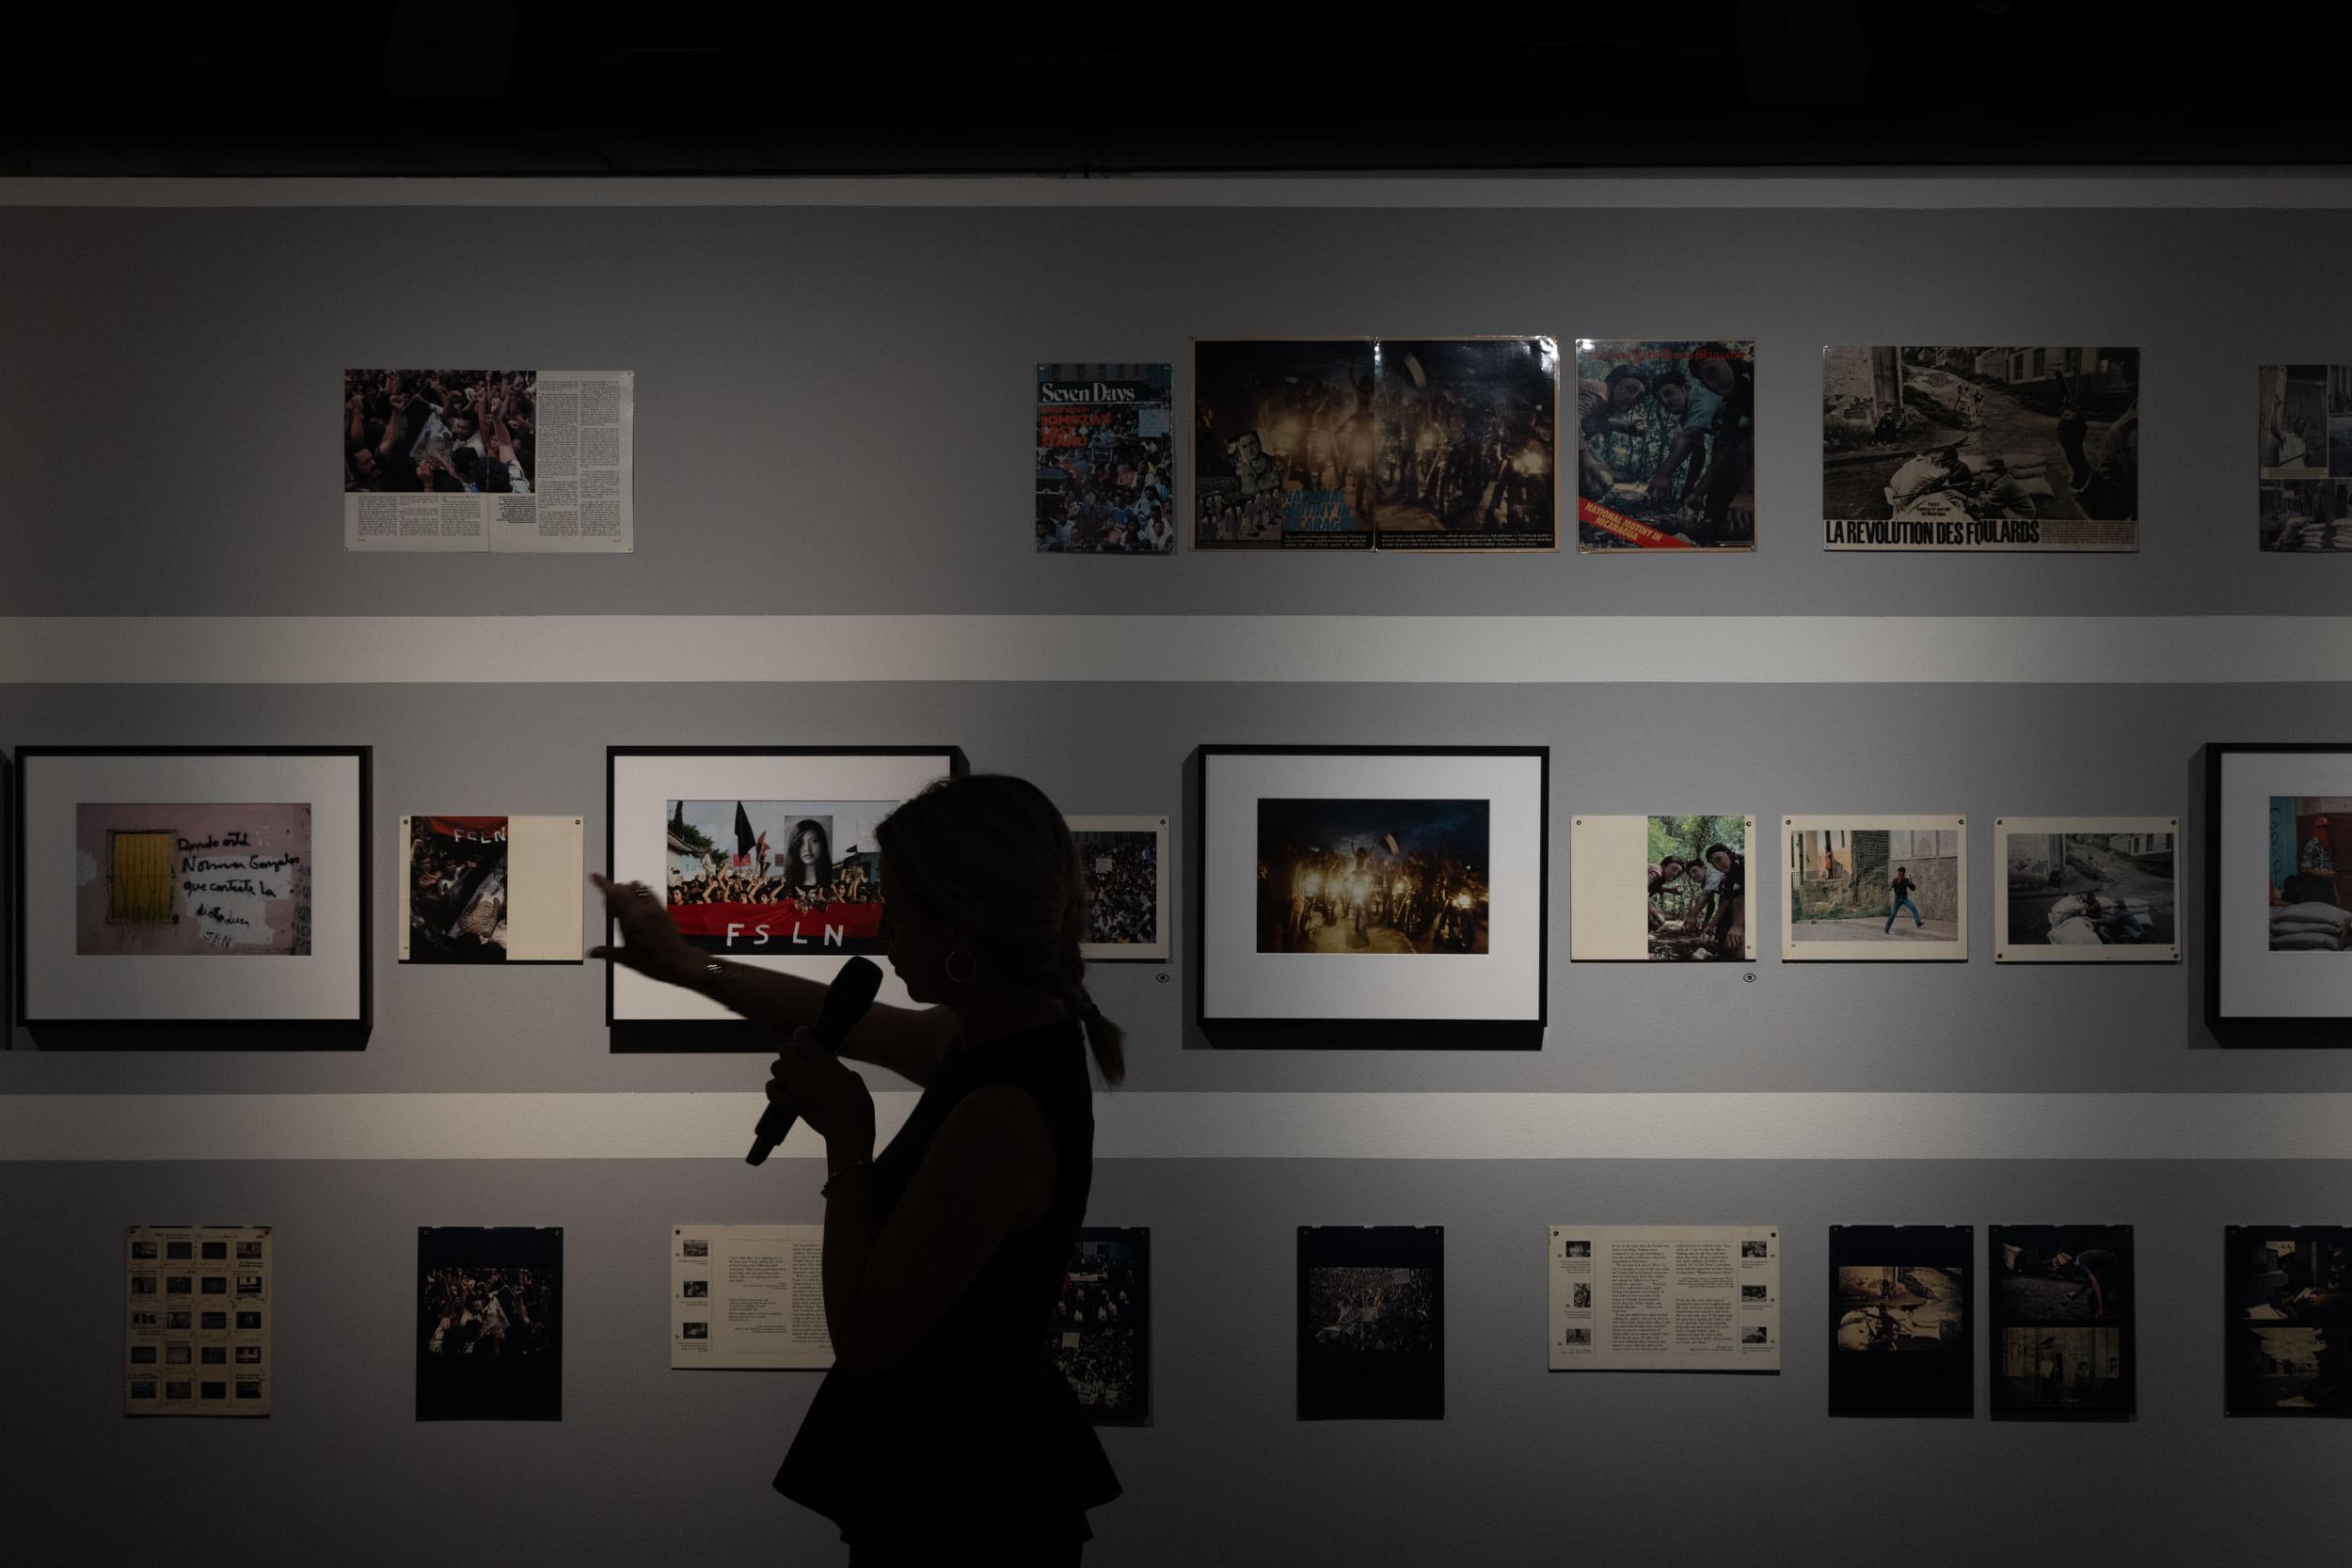 eSeL Foto: Presseführung Susan Meiselas – Mediations (Kunst Haus Wien, 16.09.2021-13.02.2022)